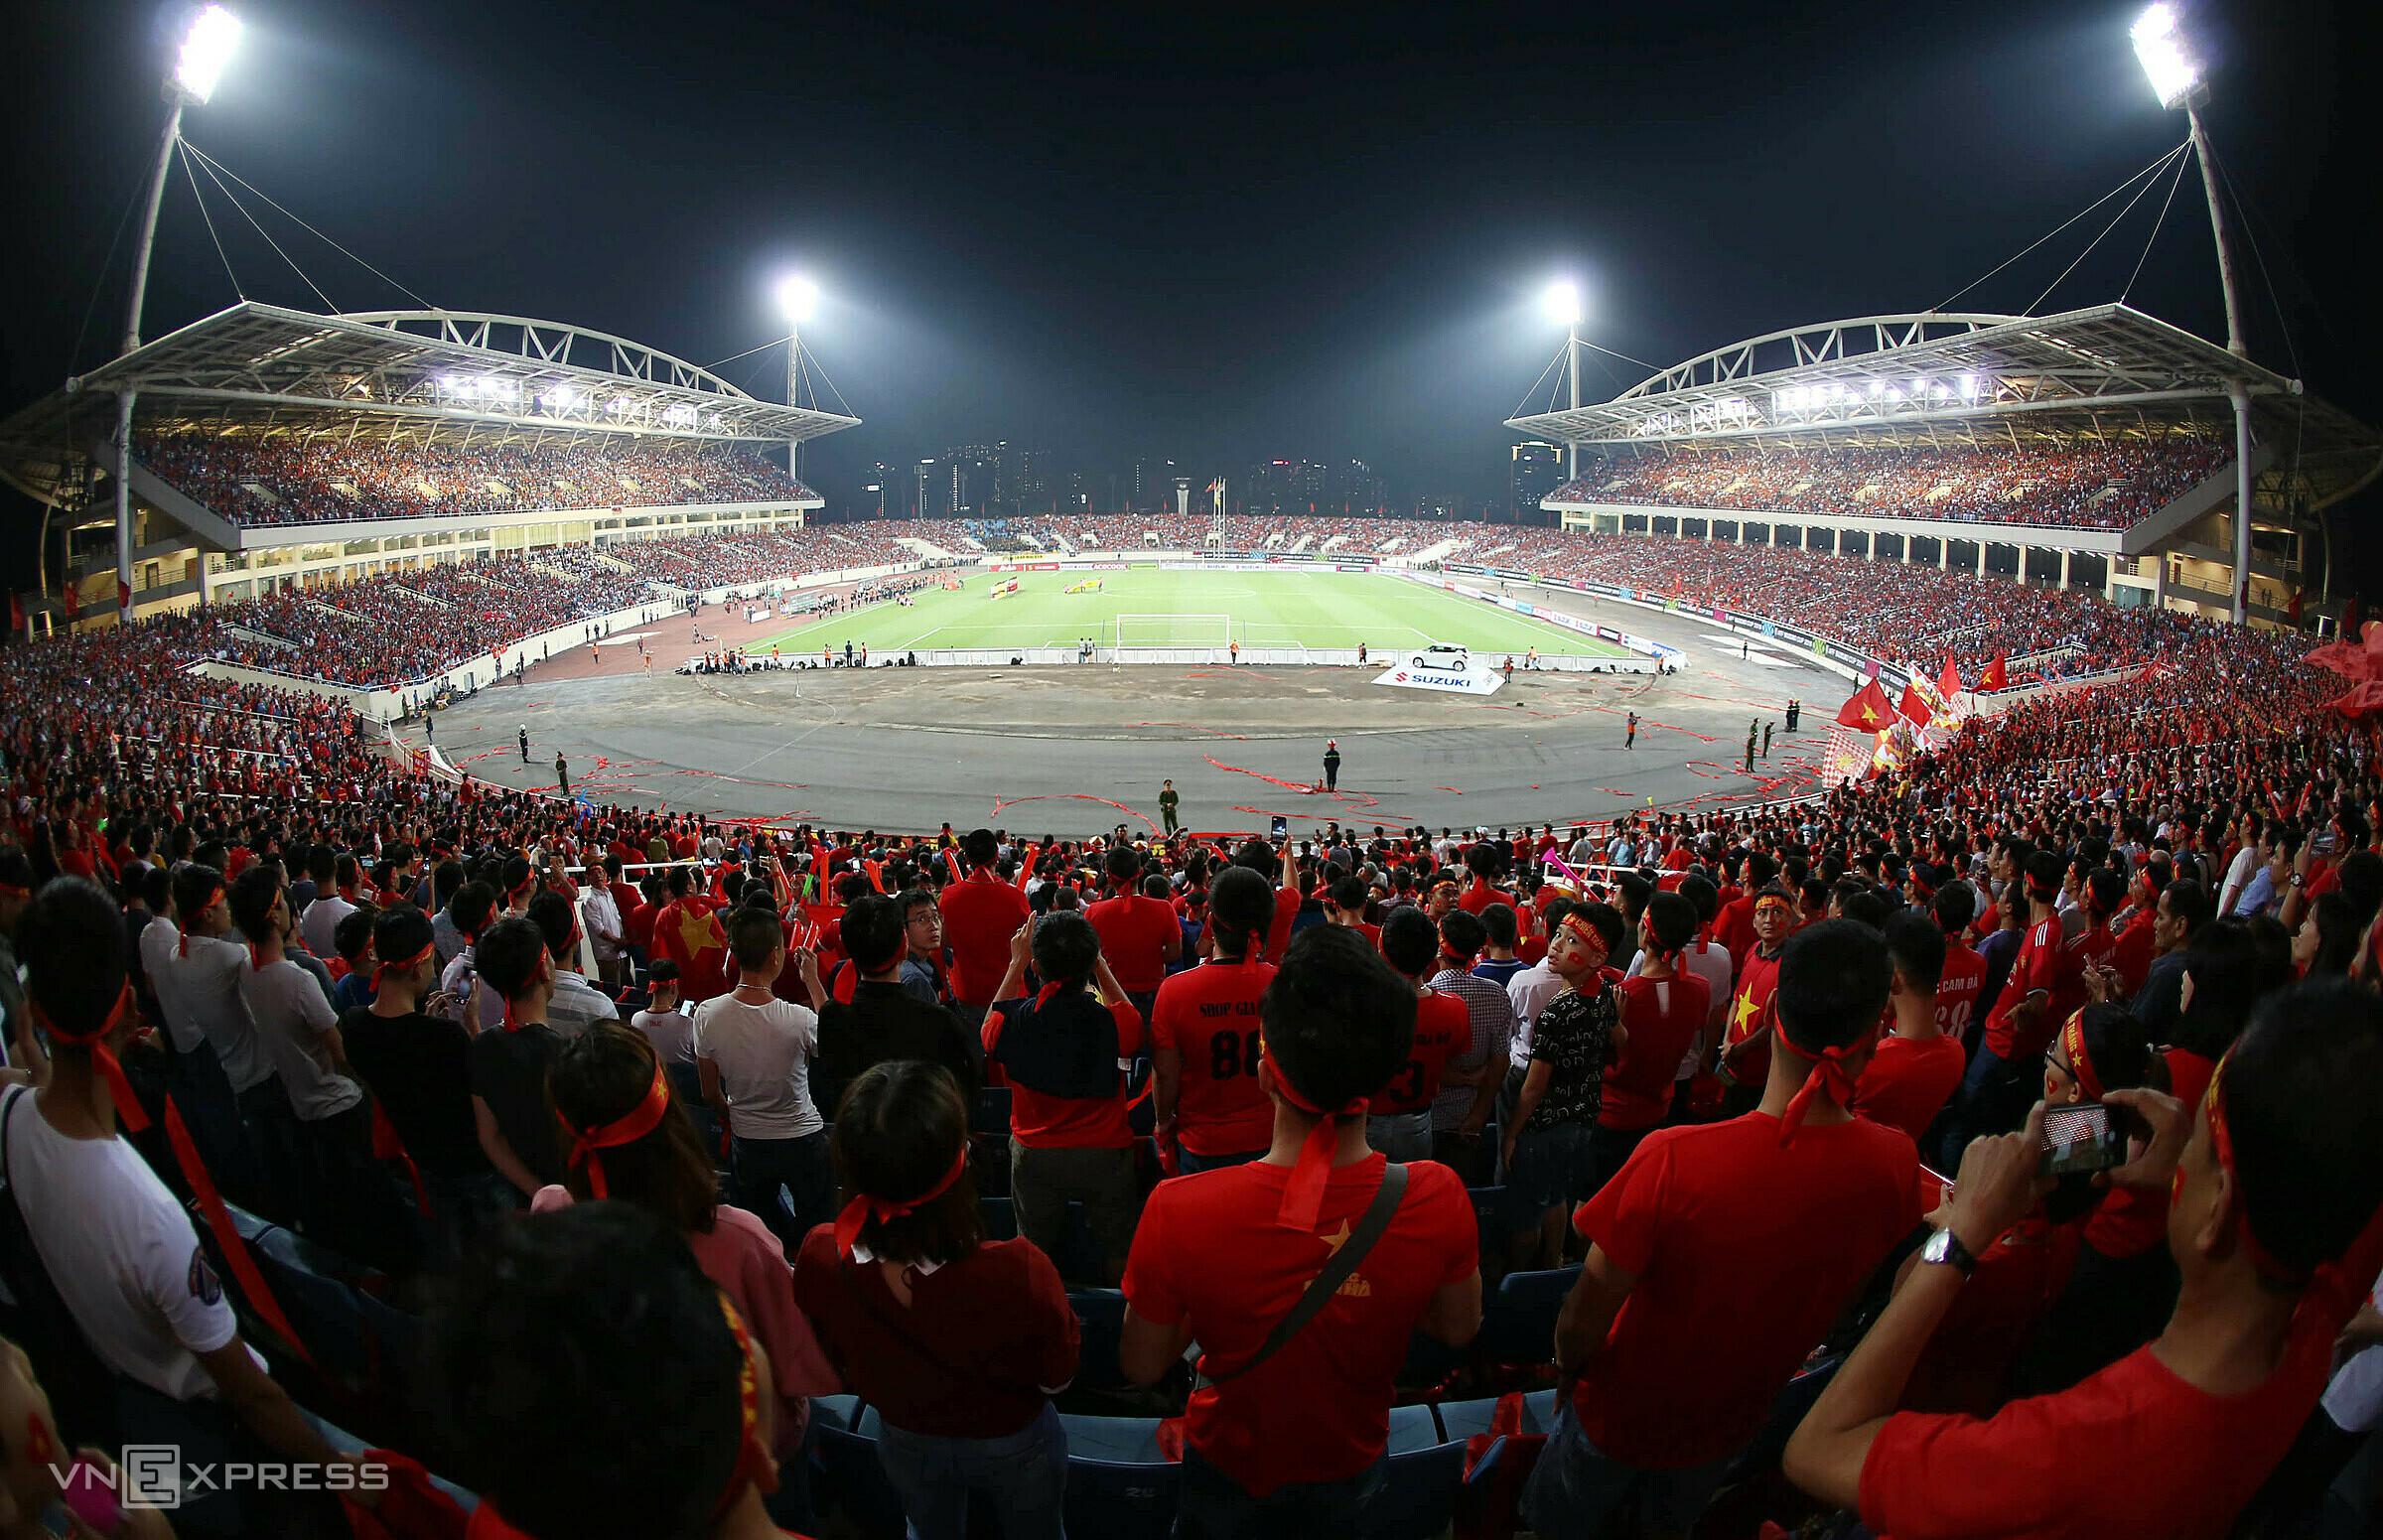 Sân Mỹ Đình chật kín khán giả khi Việt Nam tiếp Malaysia ở vòng bảng AFF Cup 2018. Ảnh: Đức Đồng.